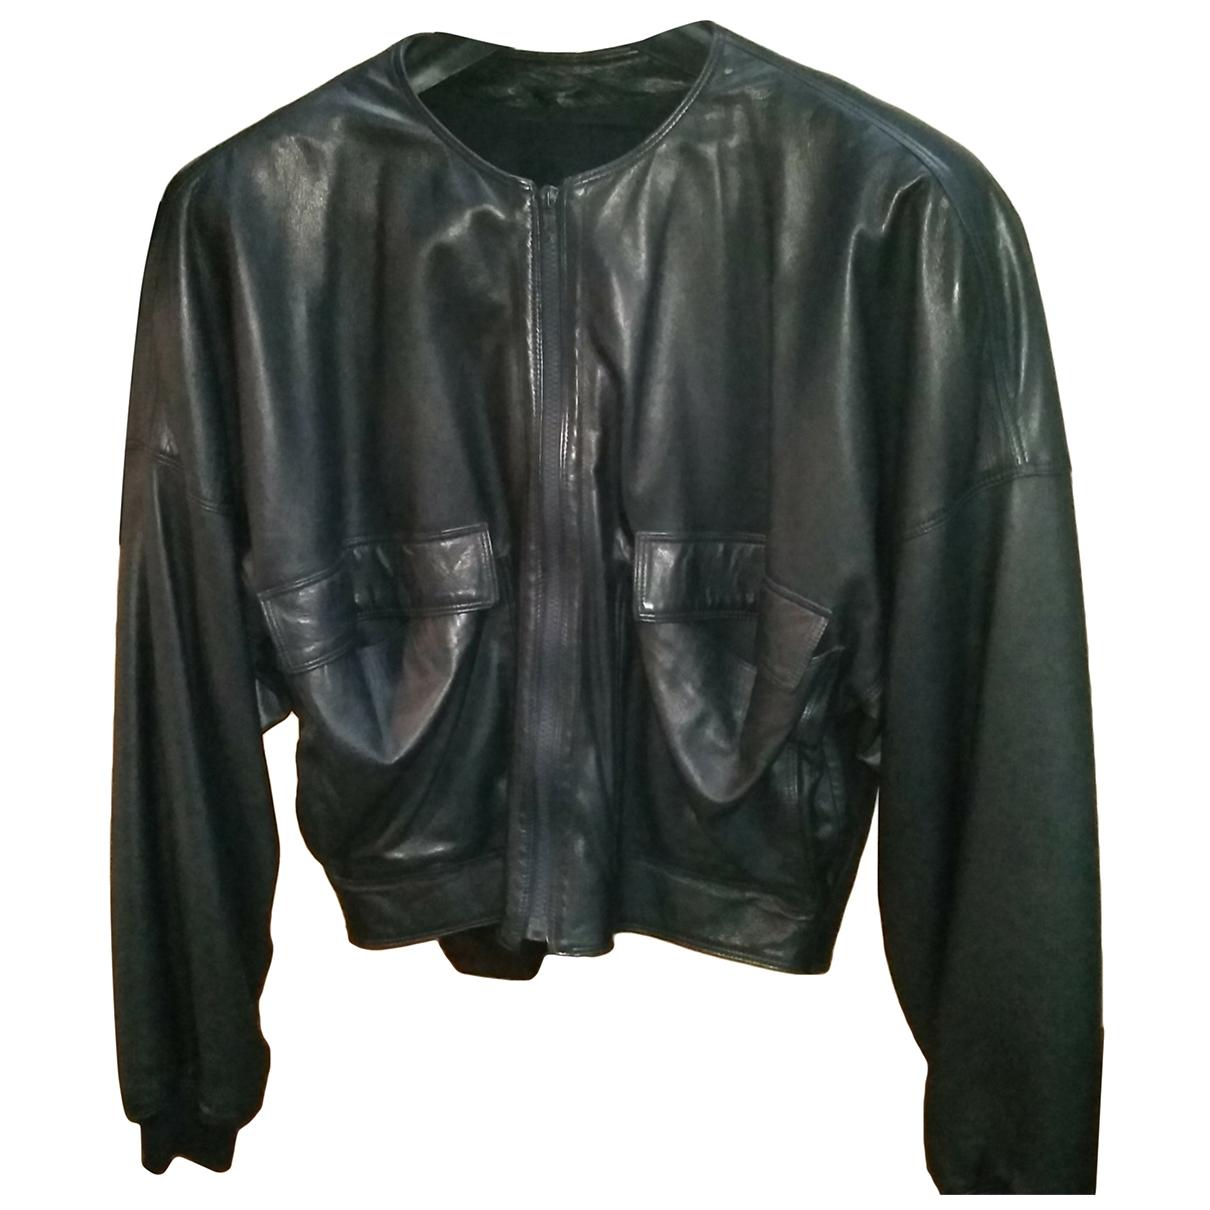 Gianni Versace - Blouson   pour femme en cuir - marine